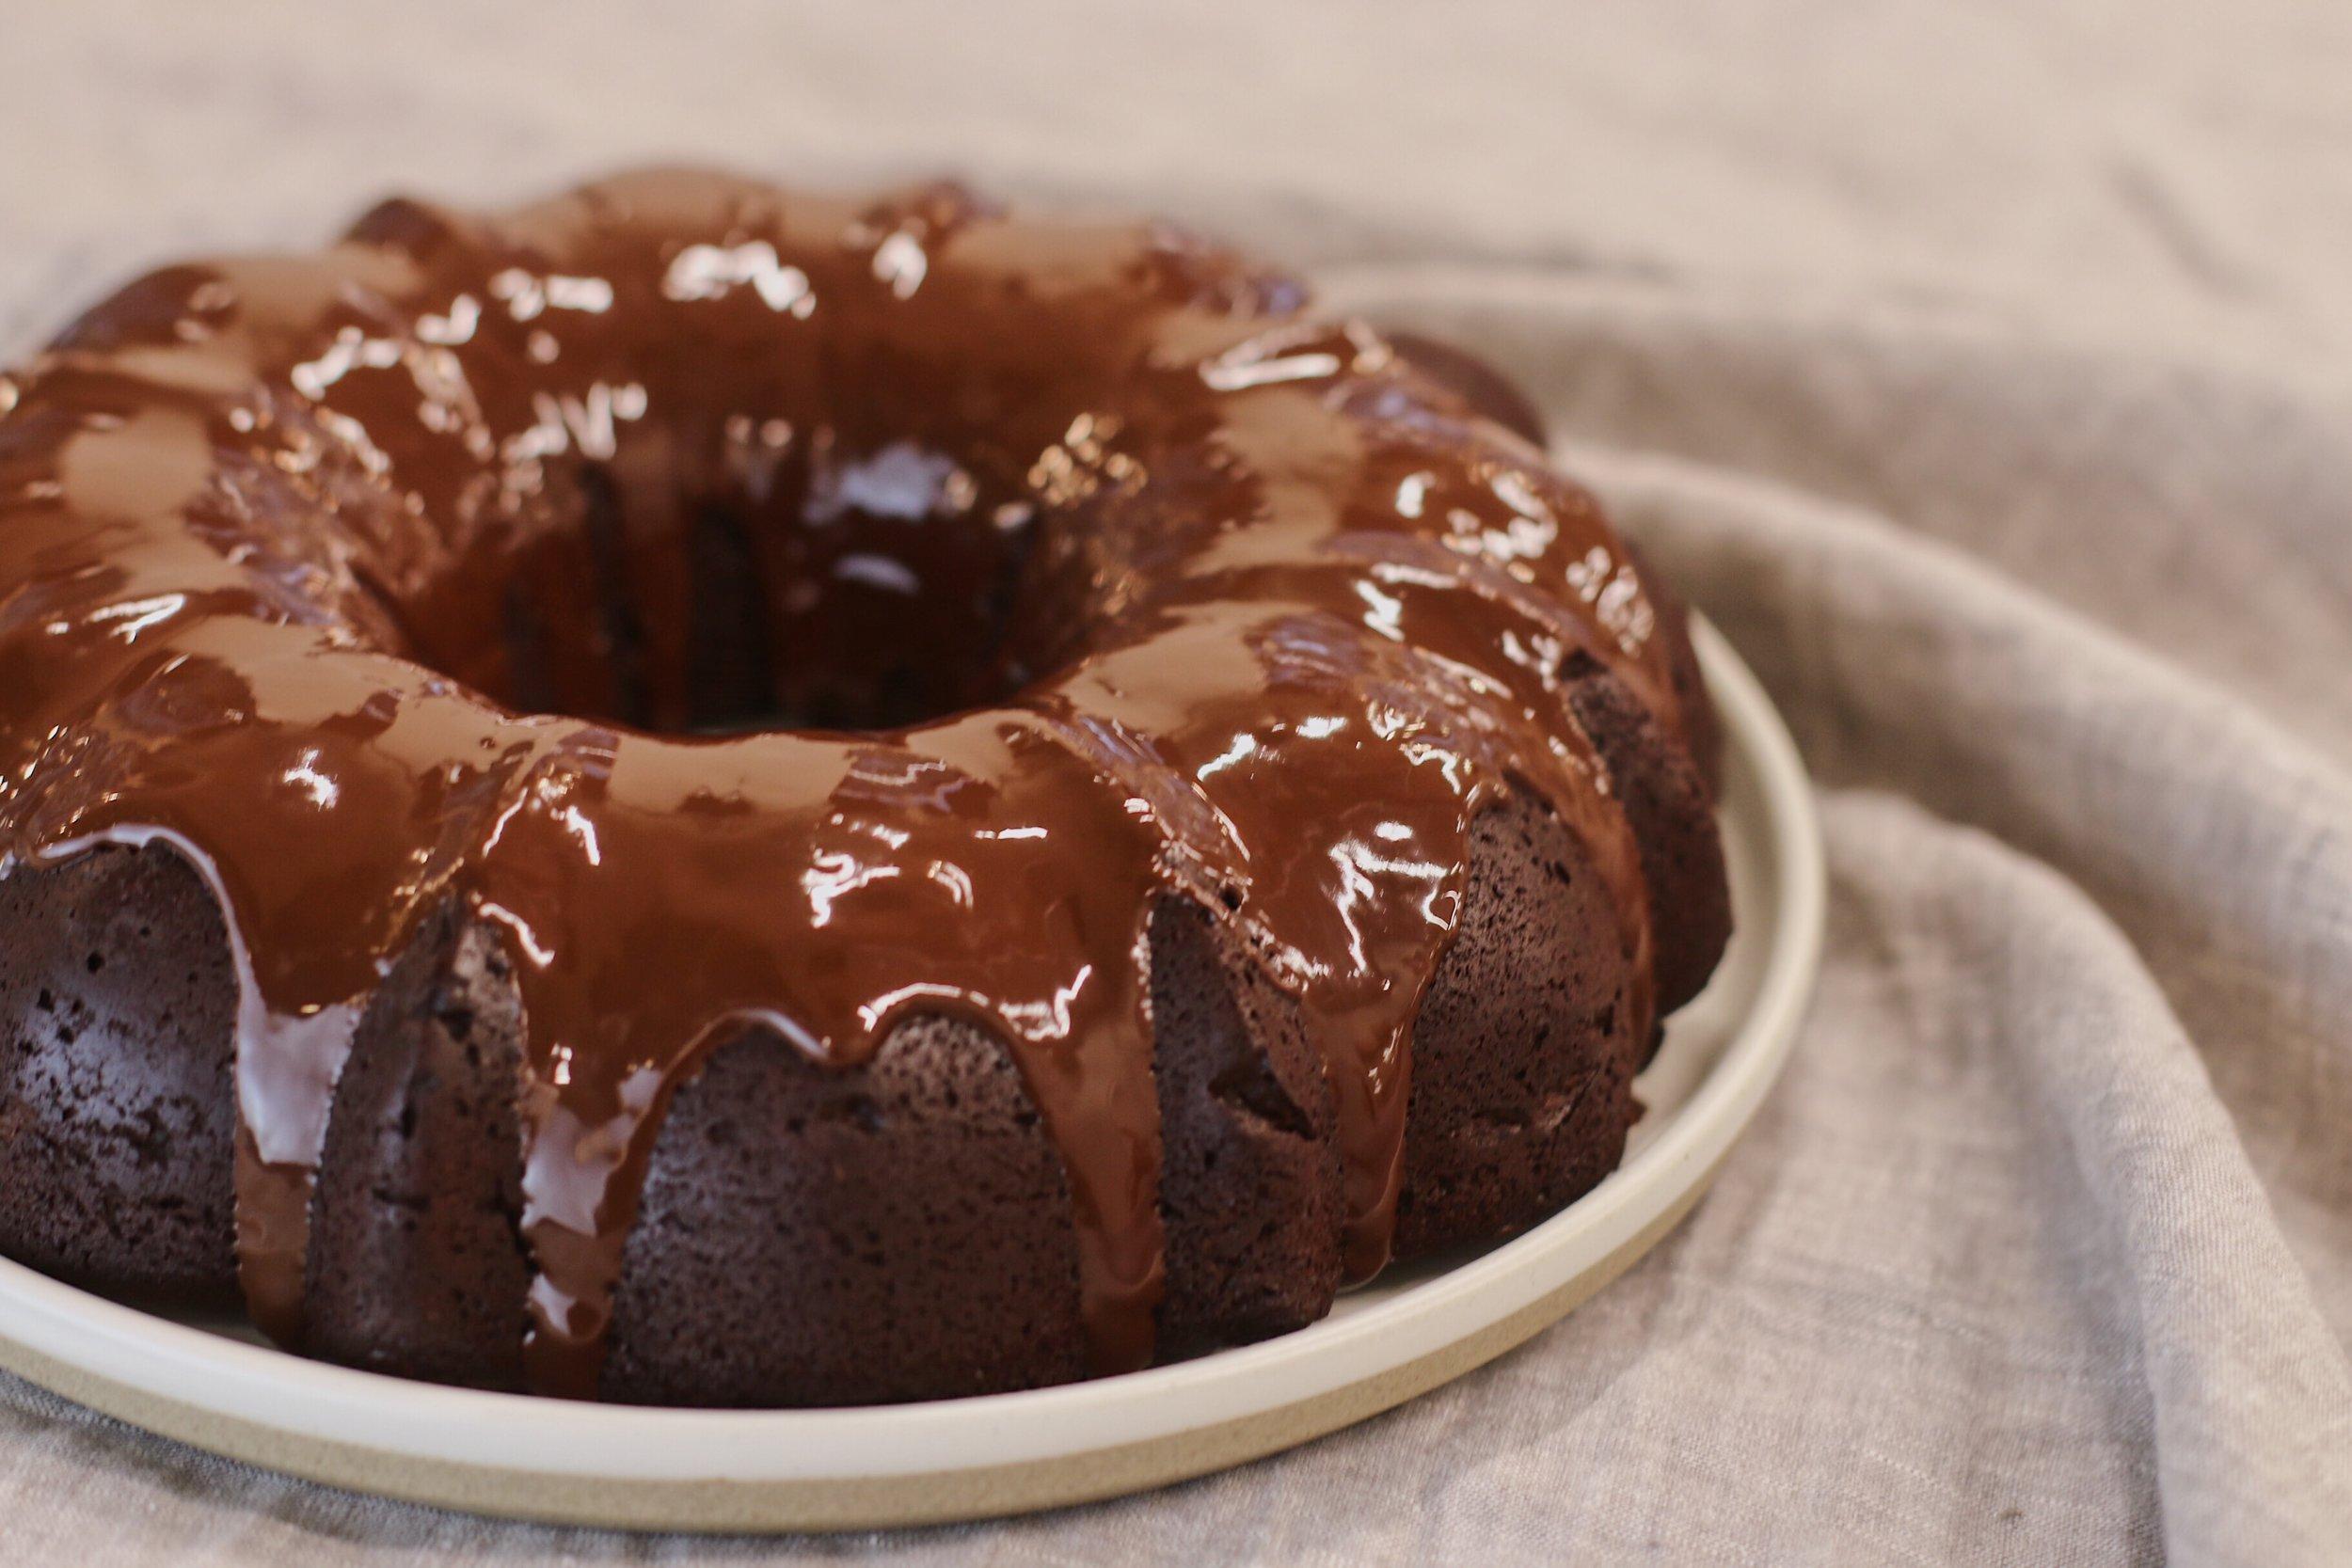 QuinoaChocolateCake.jpg